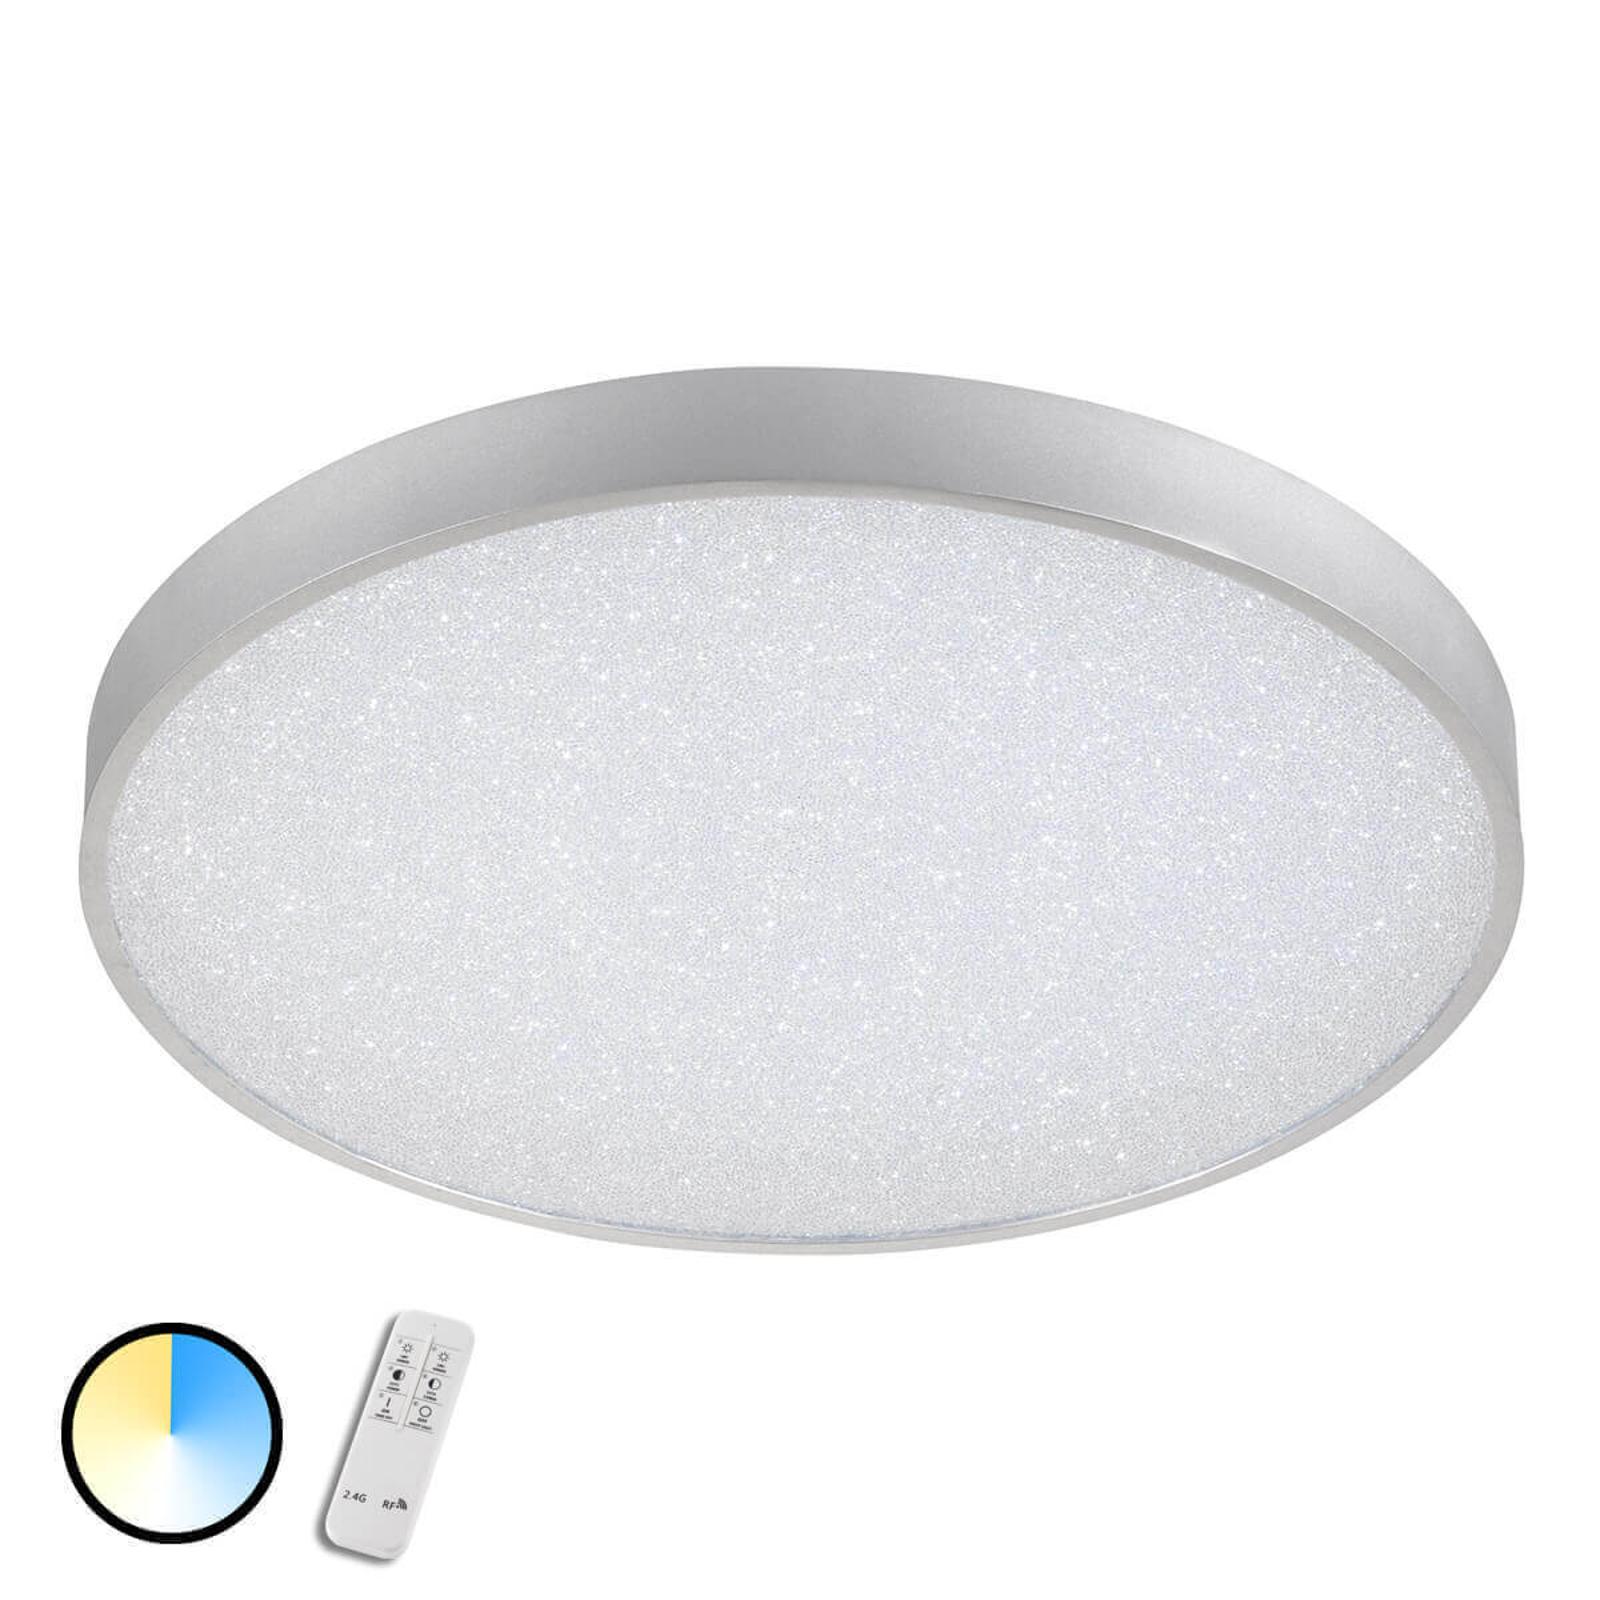 Lampa sufitowa LED Glam, okrągła, z pilotem